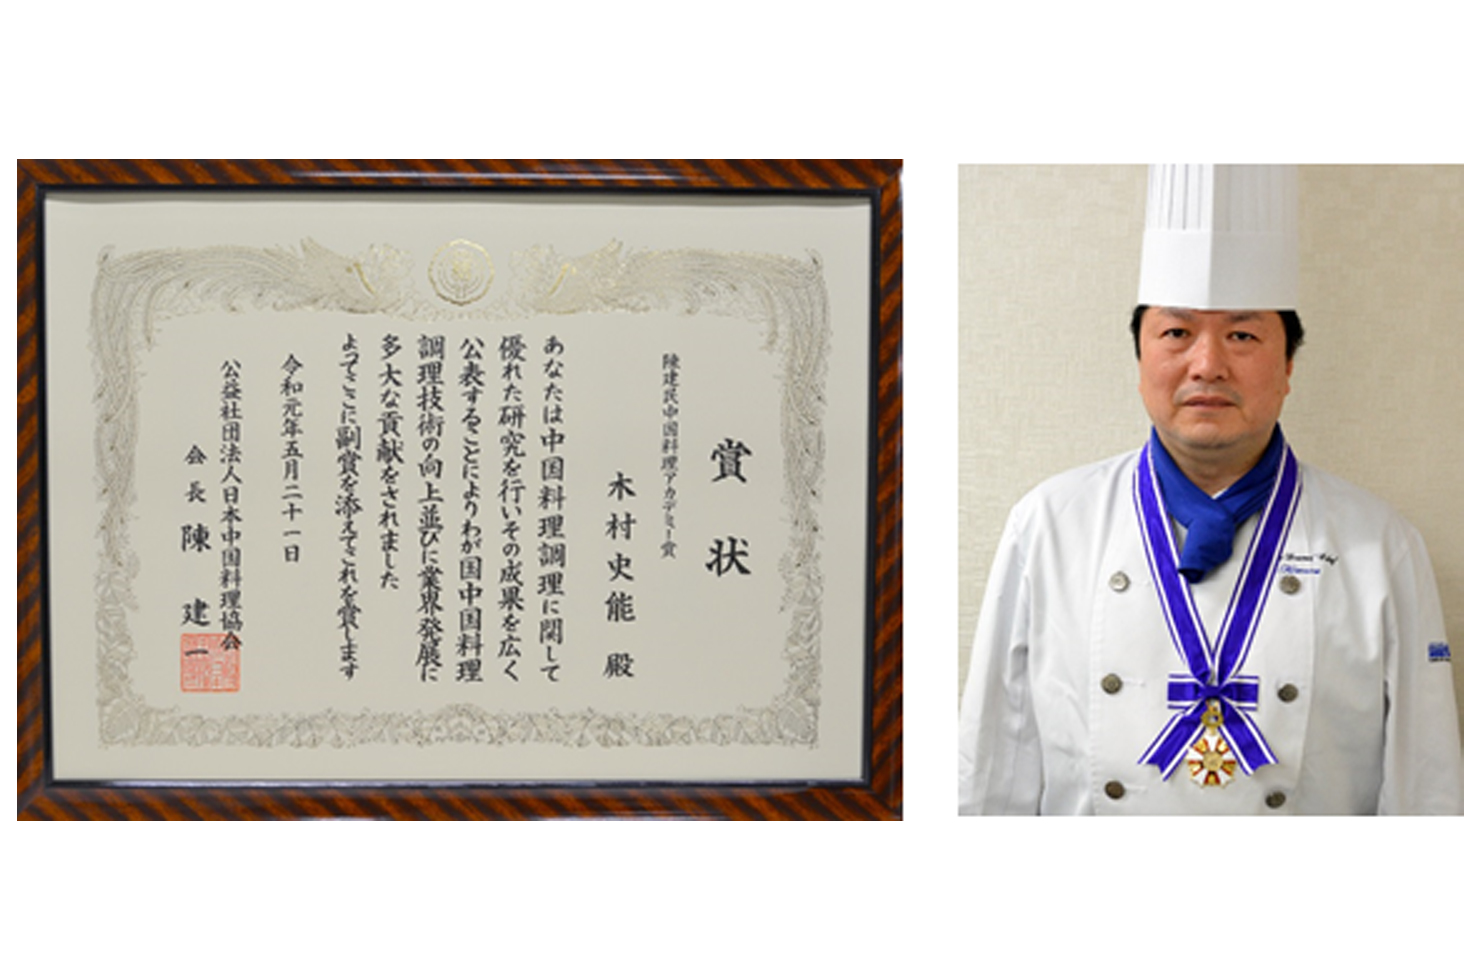 函館国際ホテル、木村史能総料理長 令和元年「陳建民中国料理アカデミー賞」を受賞